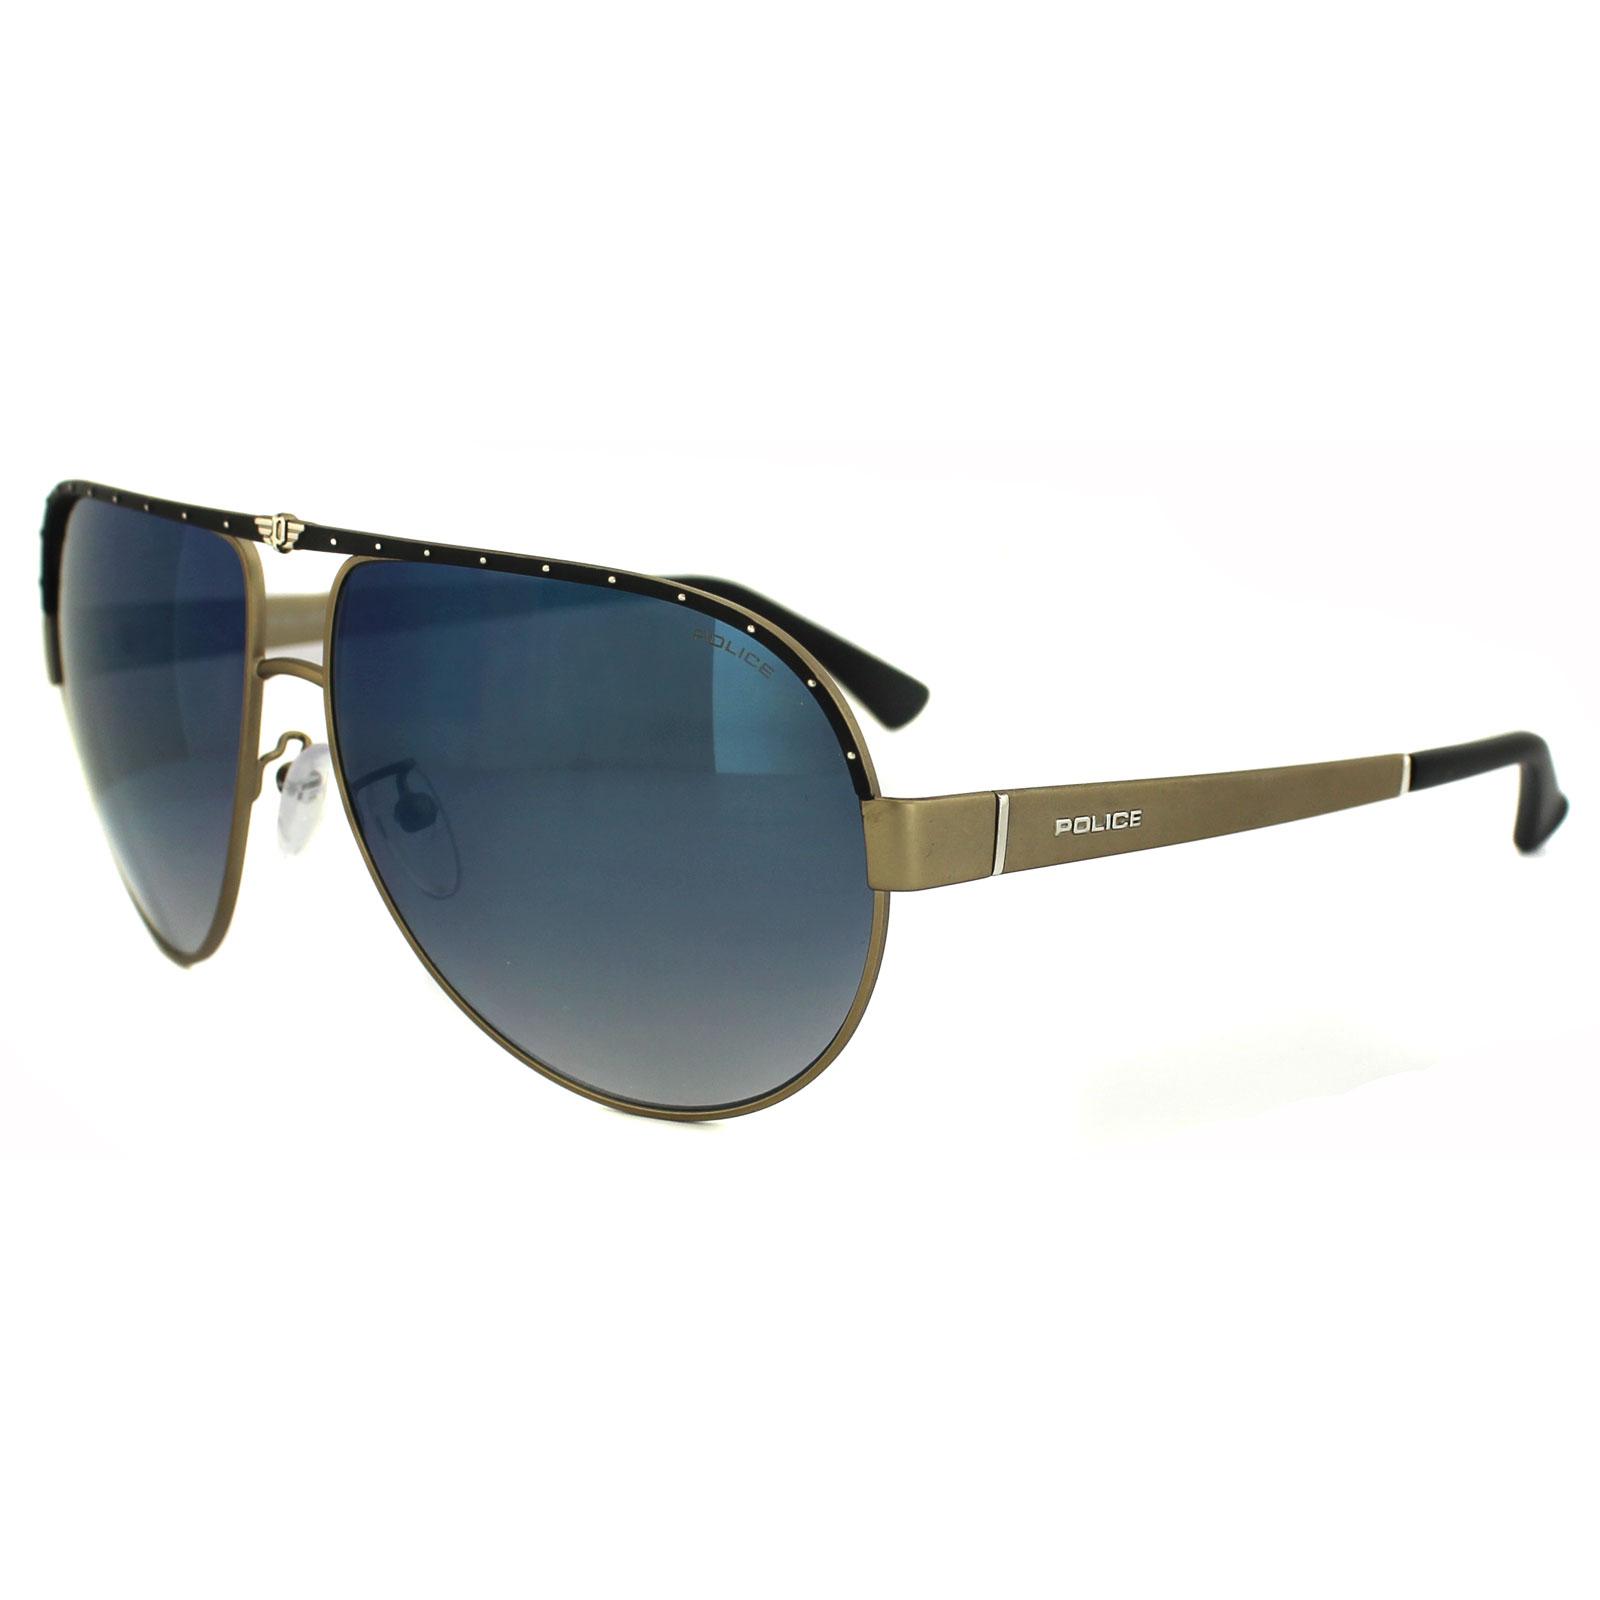 Gold Frame Police Sunglasses : Police Sunglasses S8844 Spark 1 8UZB Matt Gold Blue ...